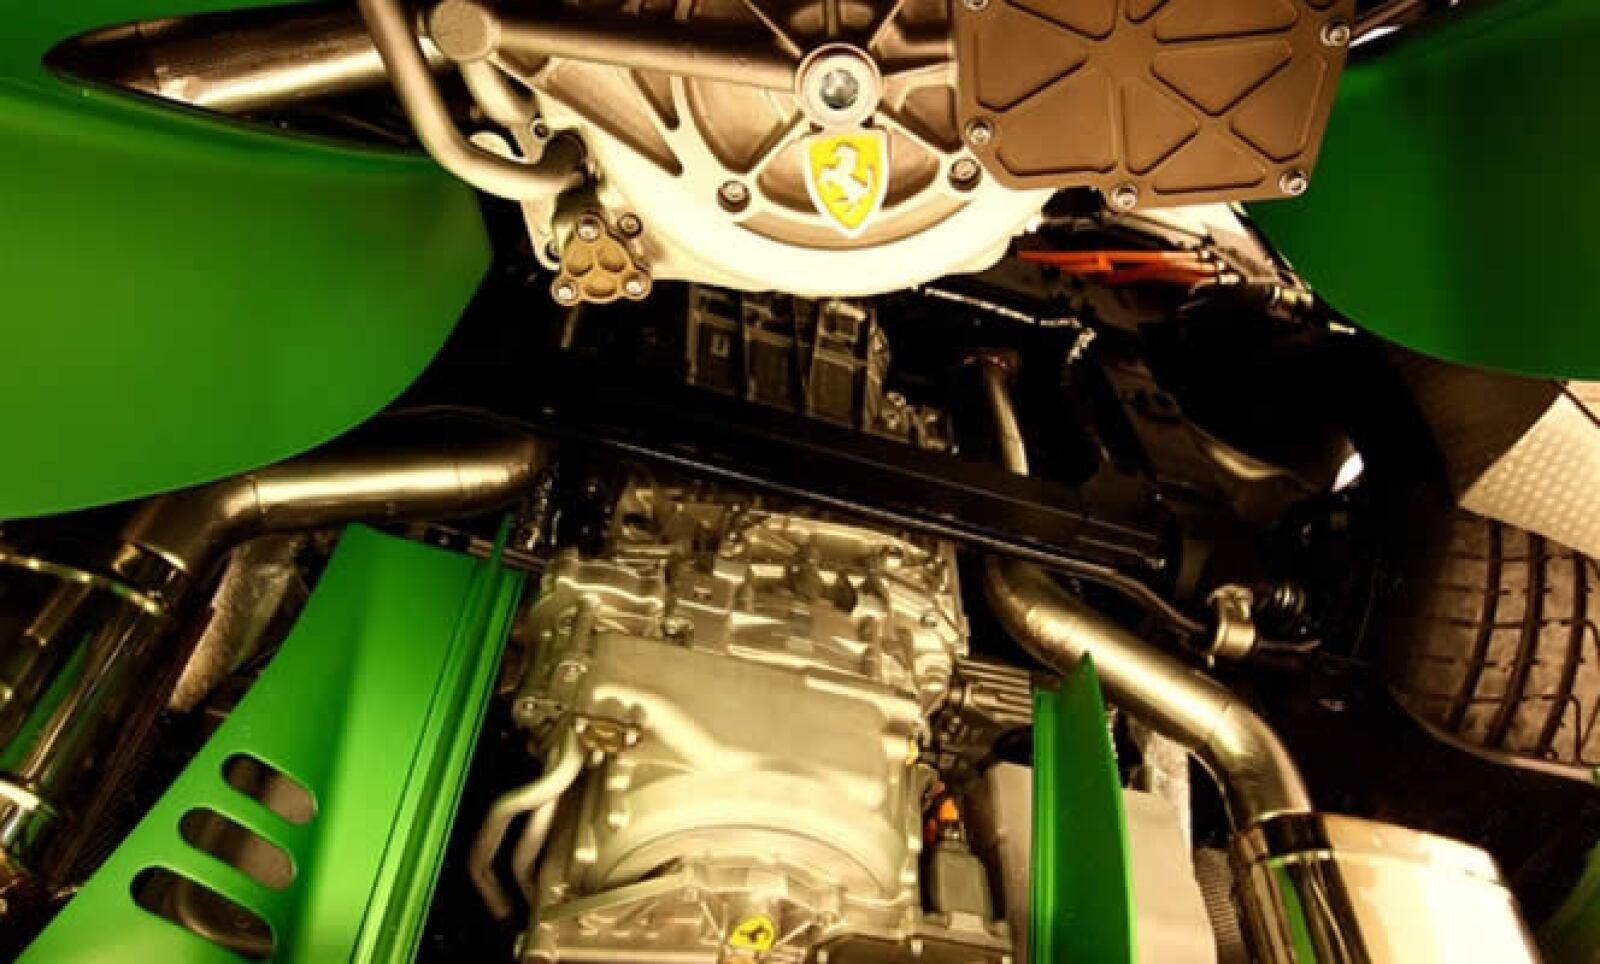 El motor cuenta con un enfriamiento único y sistema de lubricación para la máxima eficiencia en todas las temperaturas de funcionamiento y las cargas.